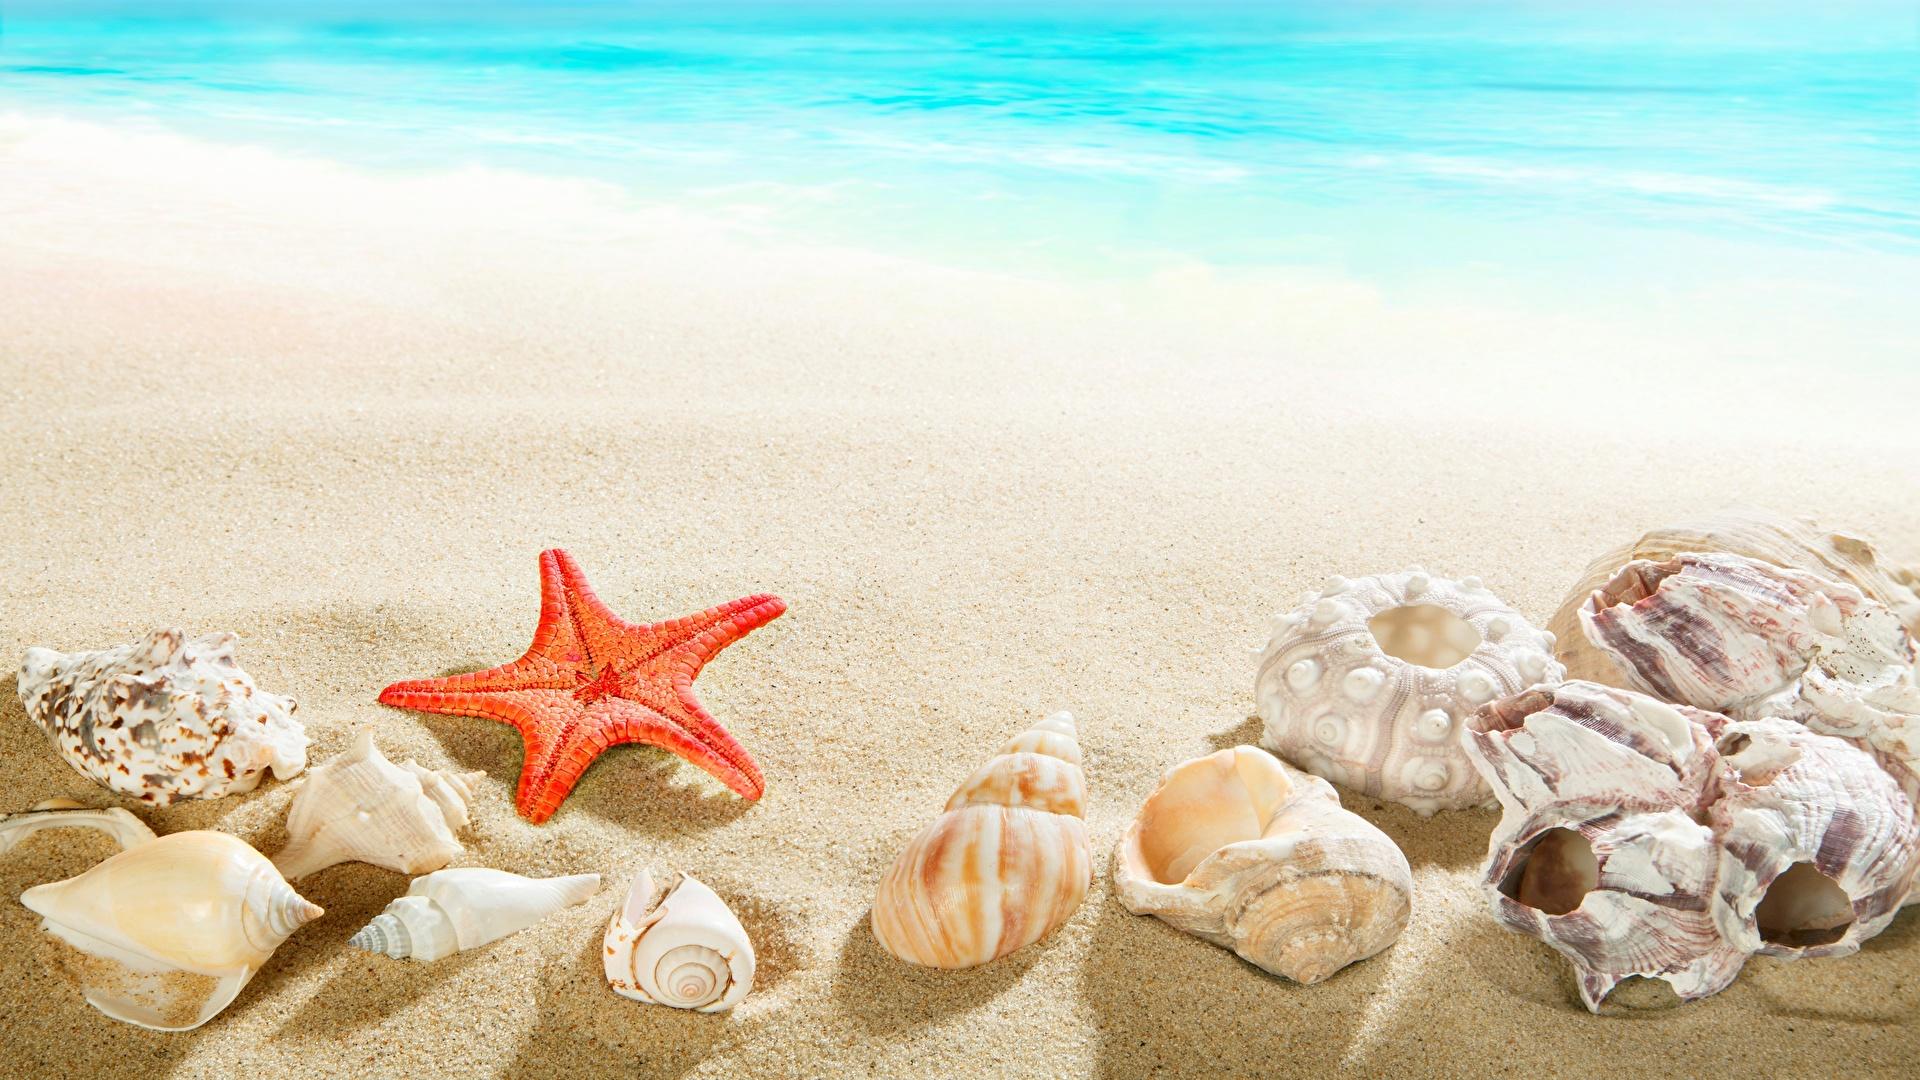 壁紙 19x1080 海 貝殻 ヒトデ ビーチ 砂 自然 ダウンロード 写真